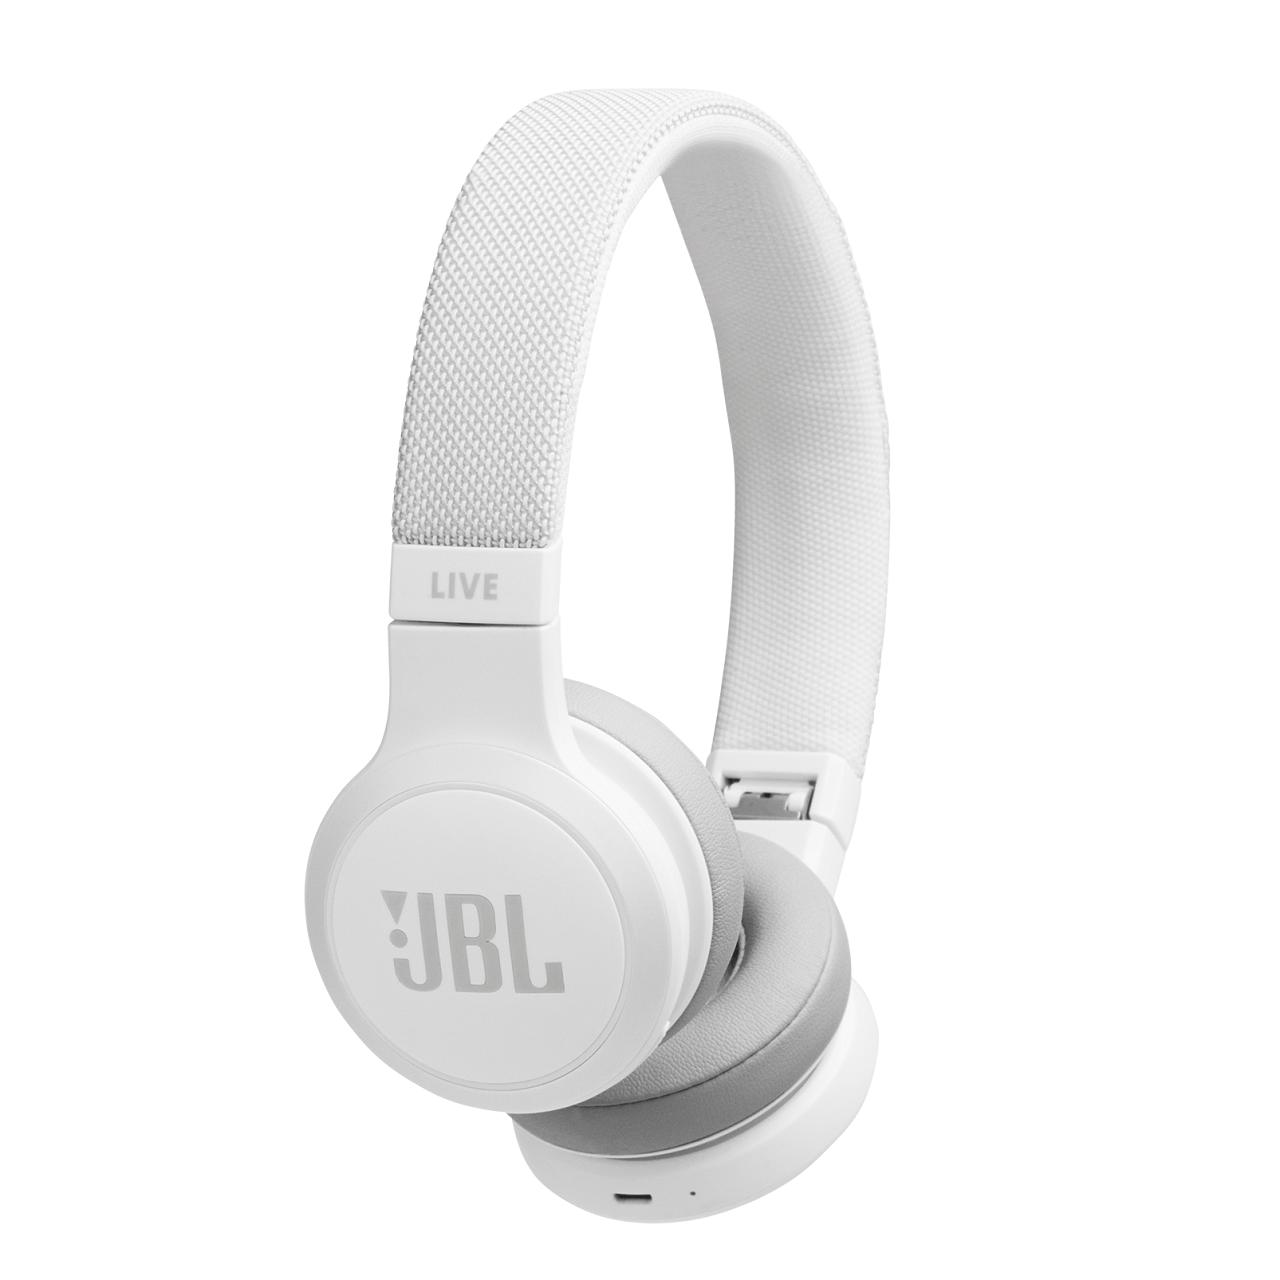 NP: Sonido Premium. Características inteligentes. JBL Flip 5 y la serie de auriculares JBL LIVE están aquí para impresionar